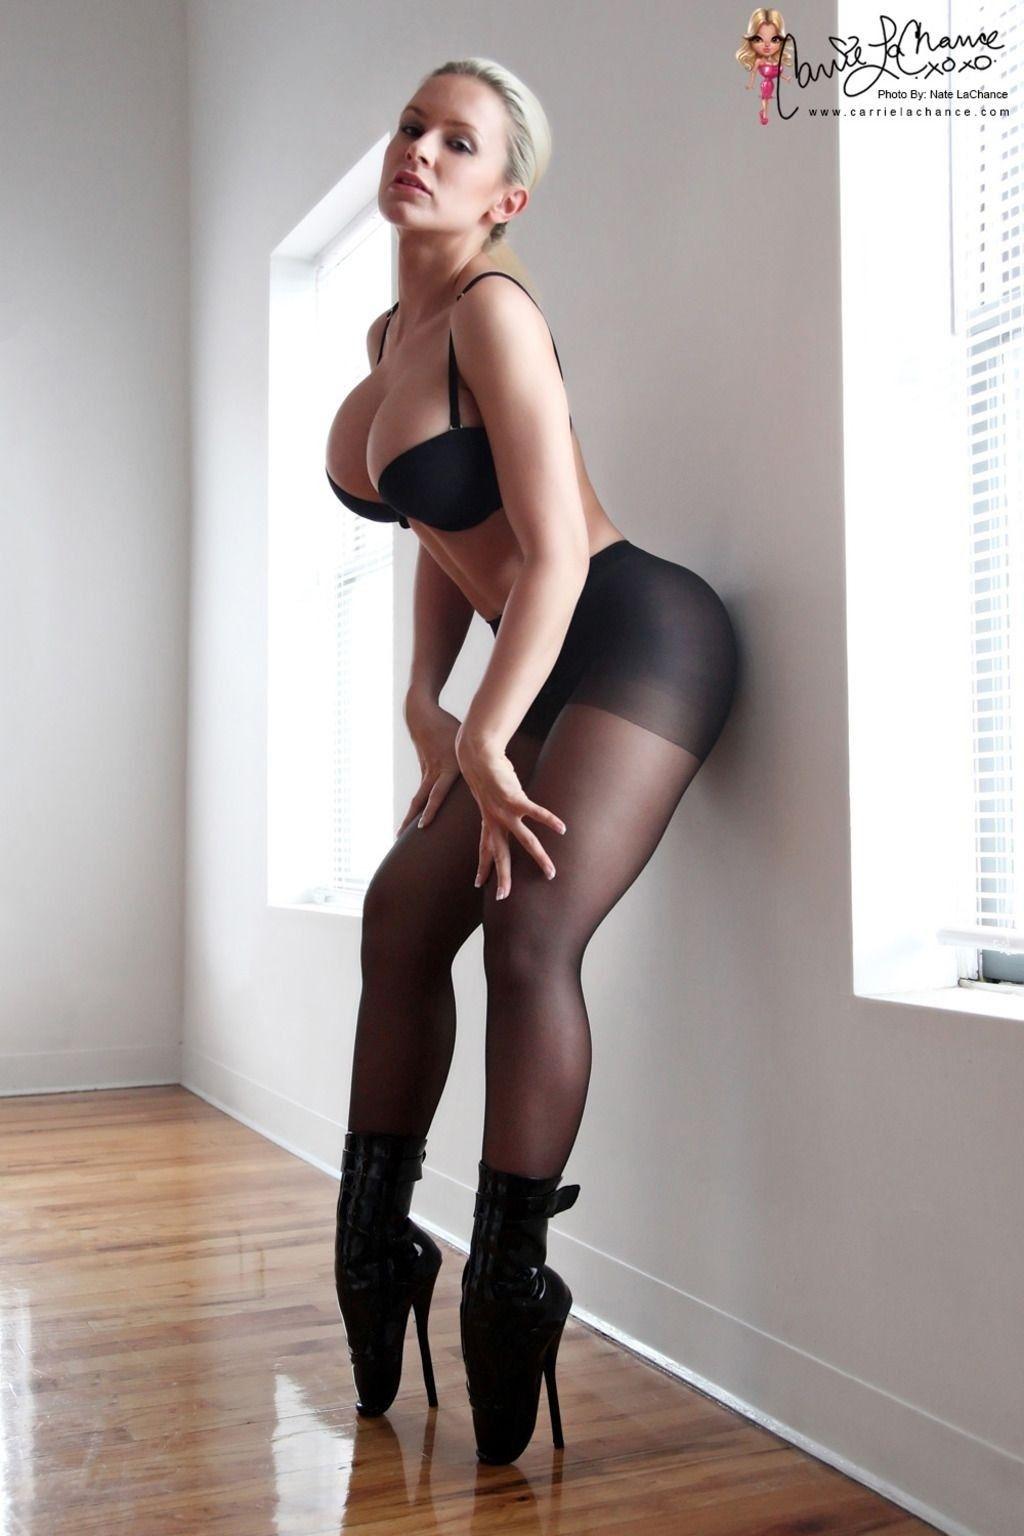 pantyhose Extreme stockings fetish nylons